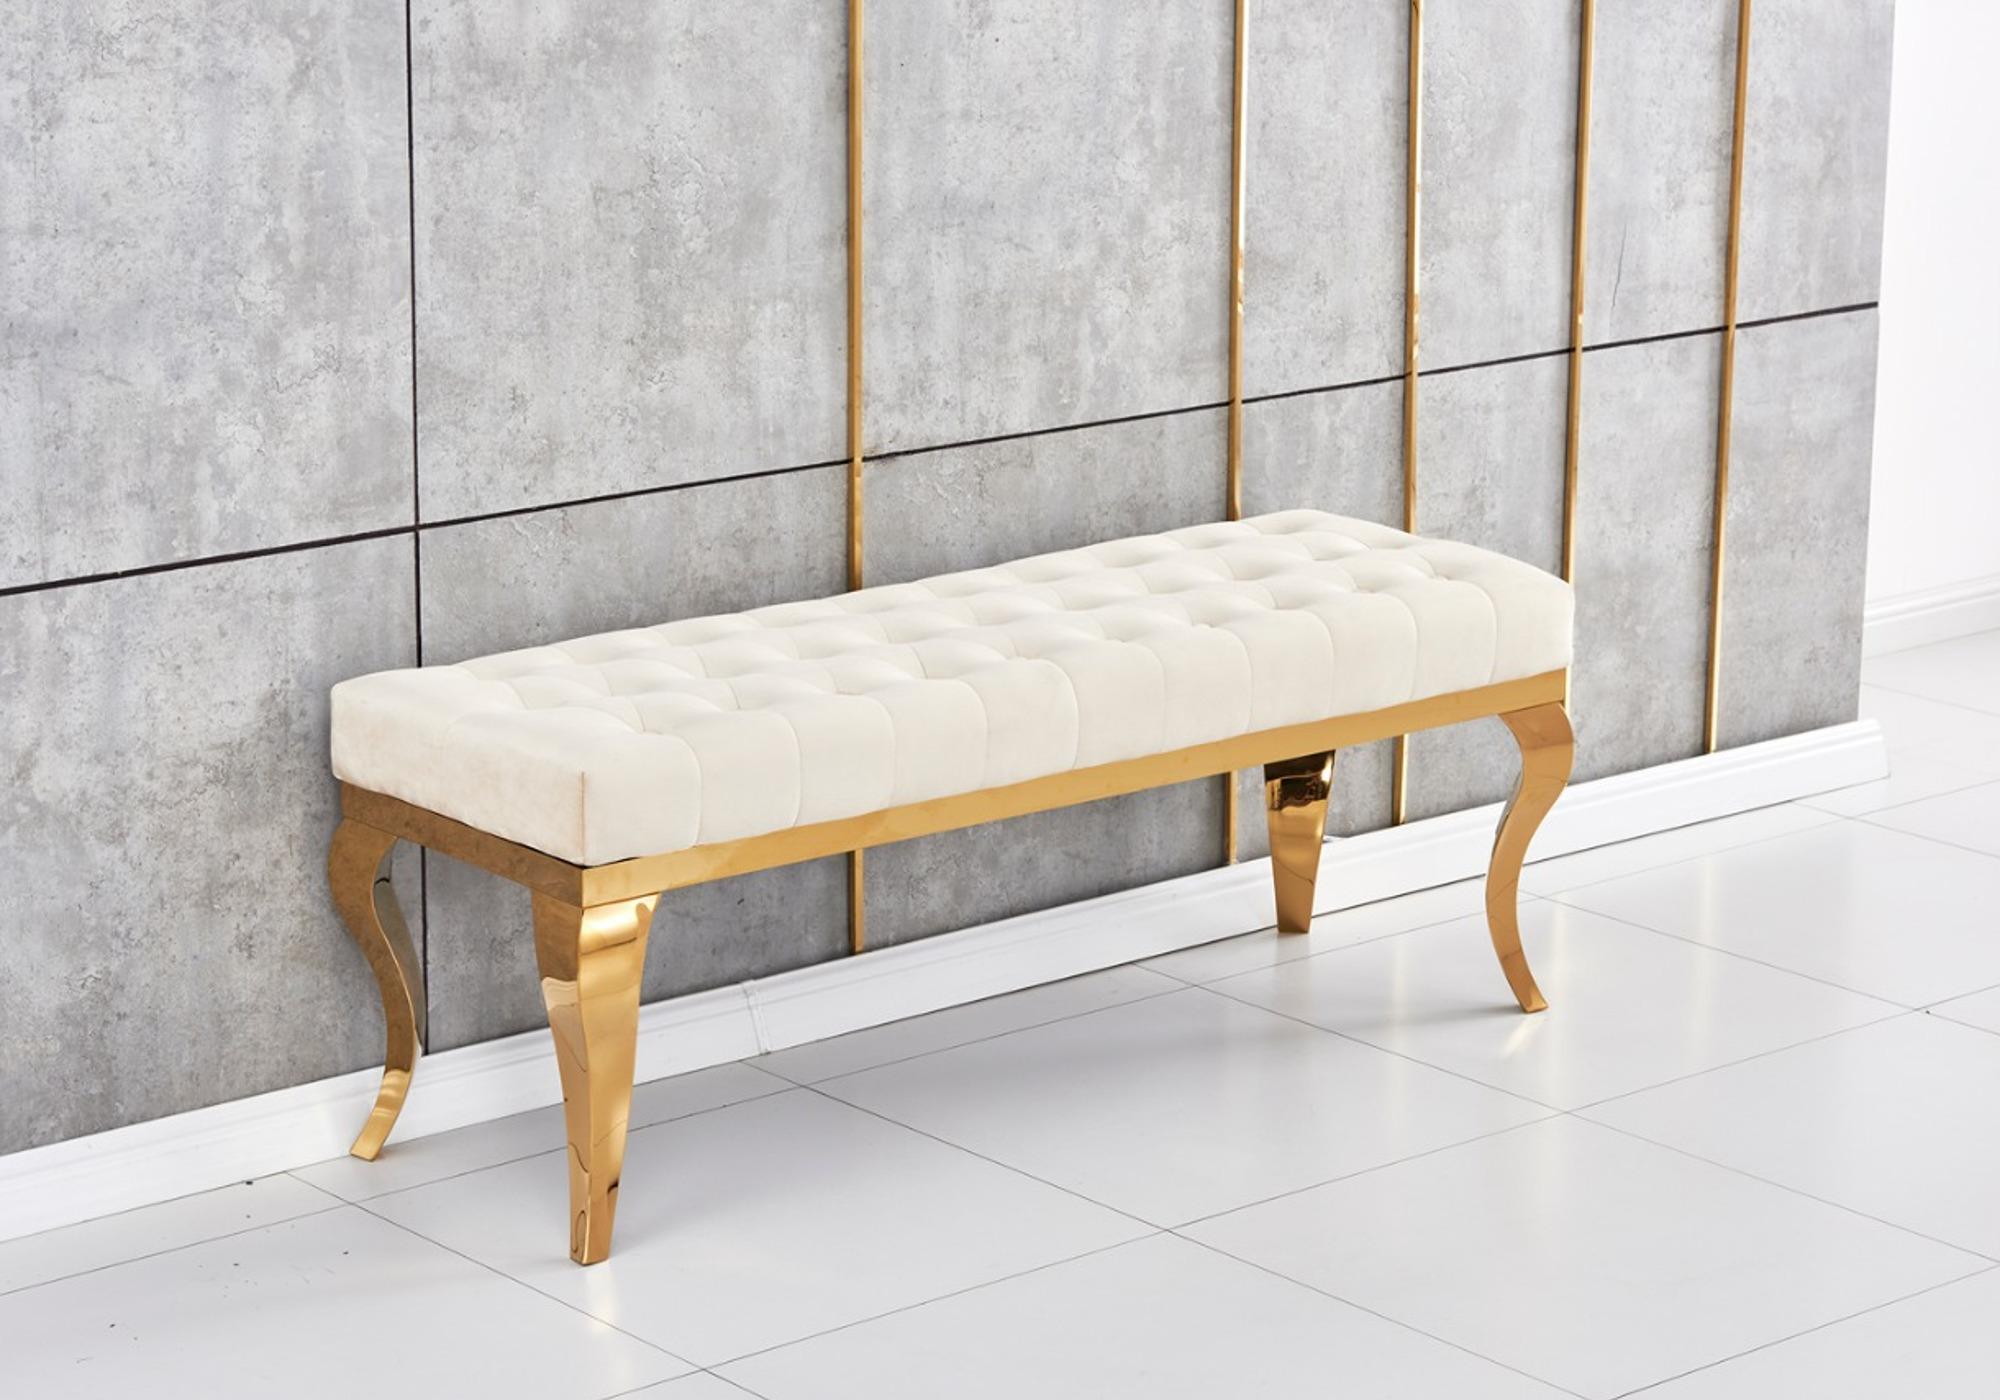 Banc design doré velours beige NEO